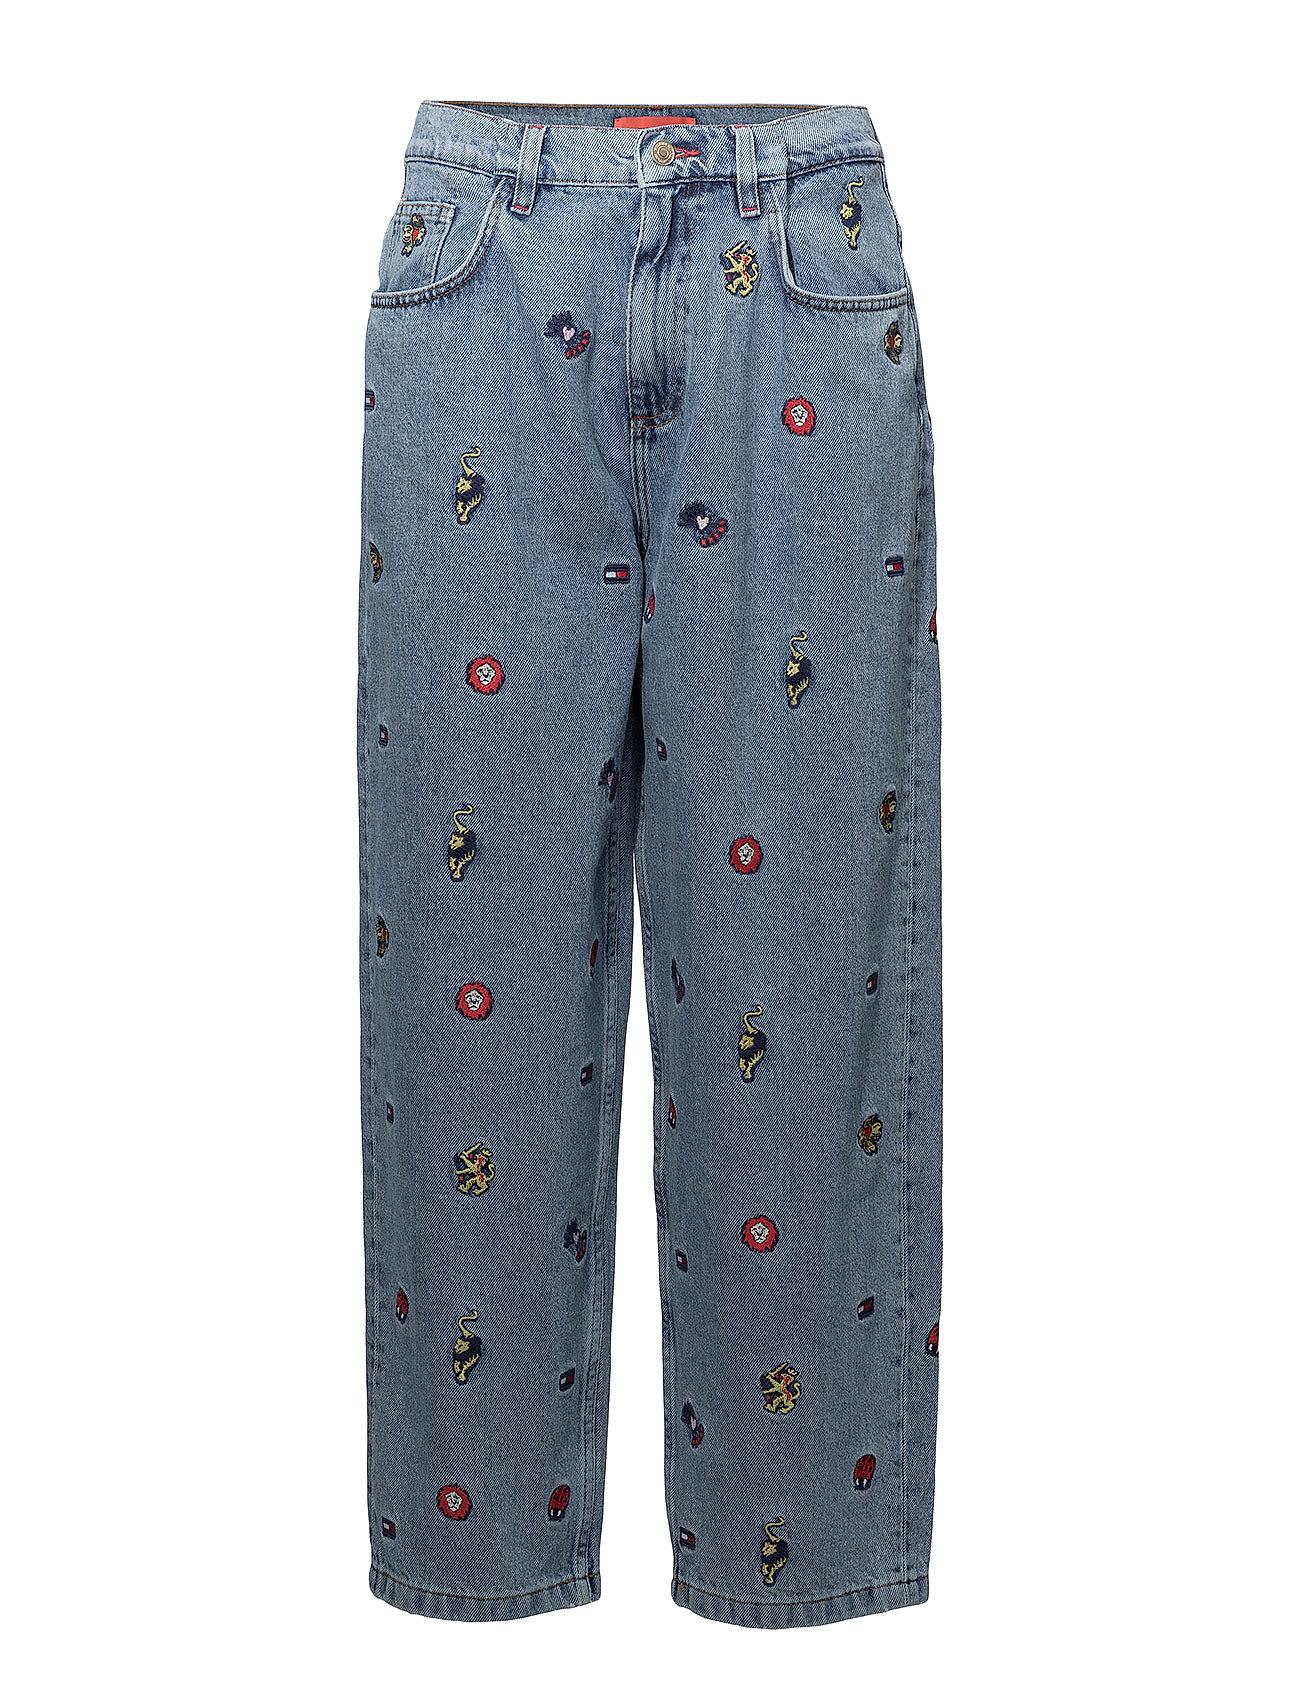 Image of Critter Jean Vide Jeans Blå Tommy Hilfiger (3486602567)